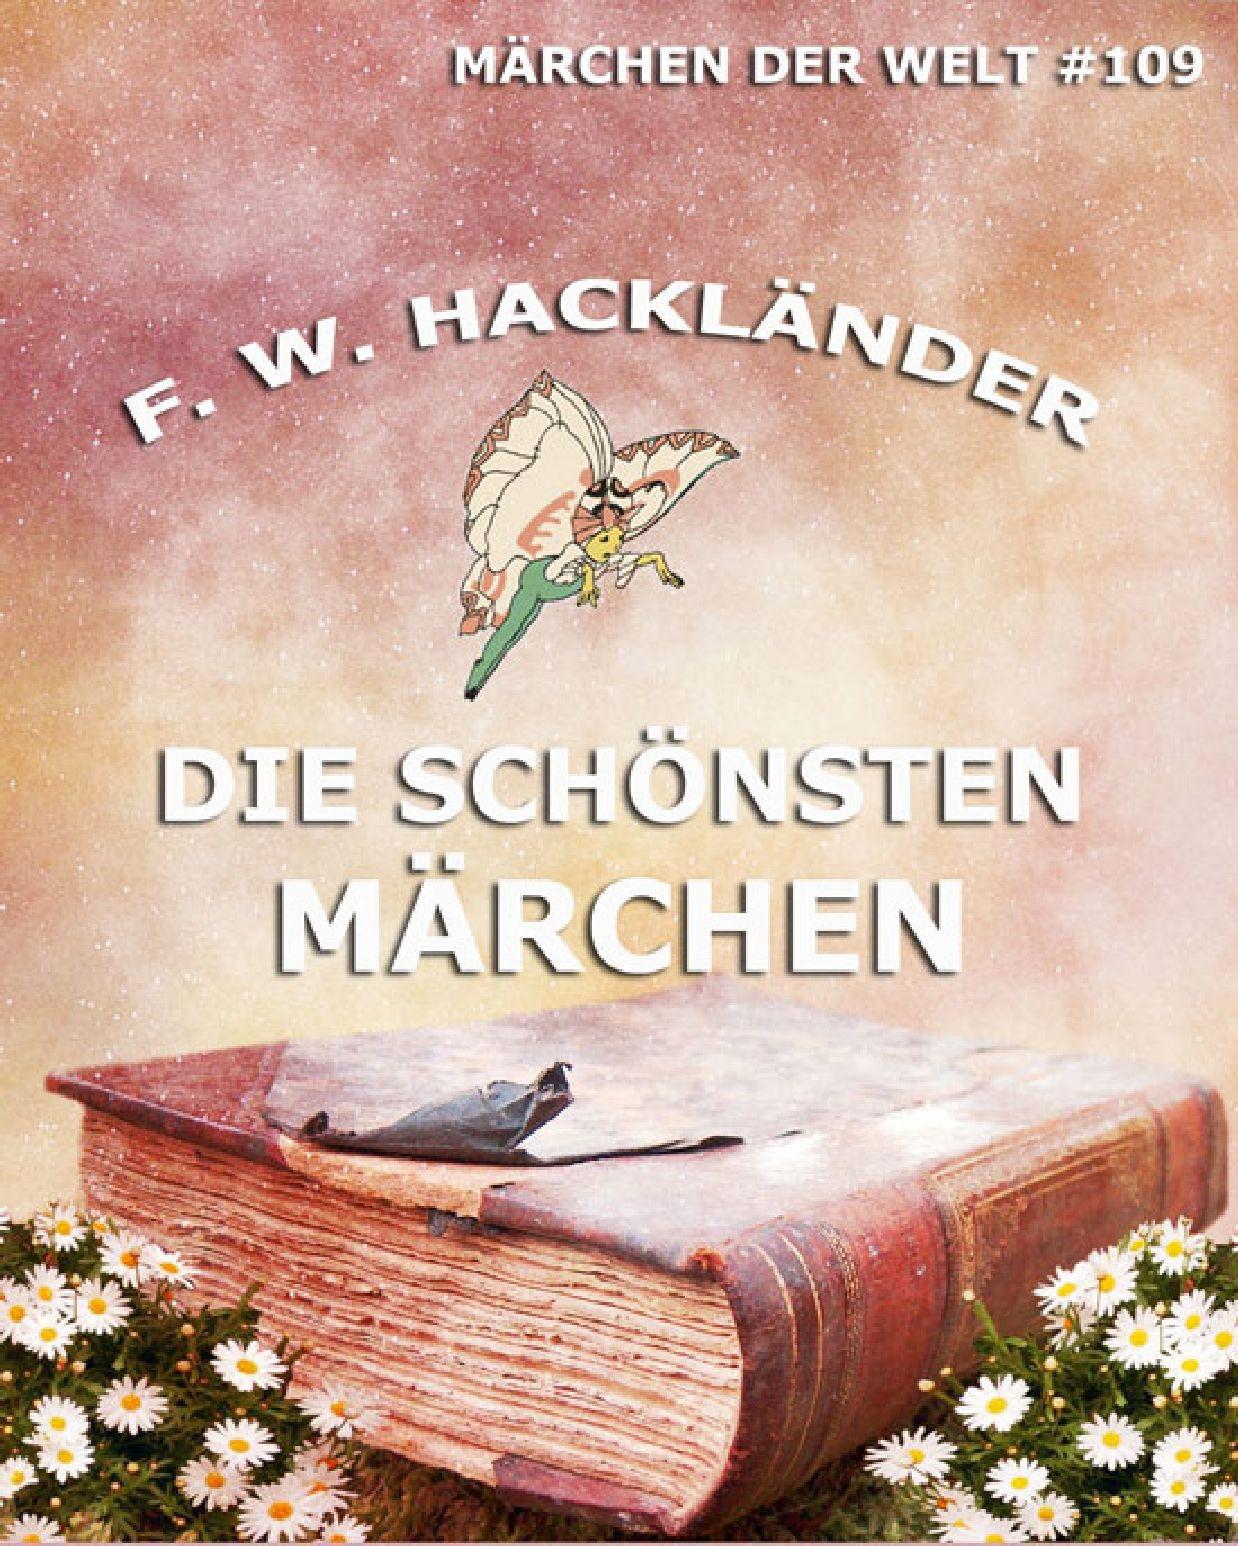 Friedrich Wilhelm Hacklander Die schönsten Märchen gurlt ernst friedrich magazin fur die gesammte thierheilkunde volume 32 german edition